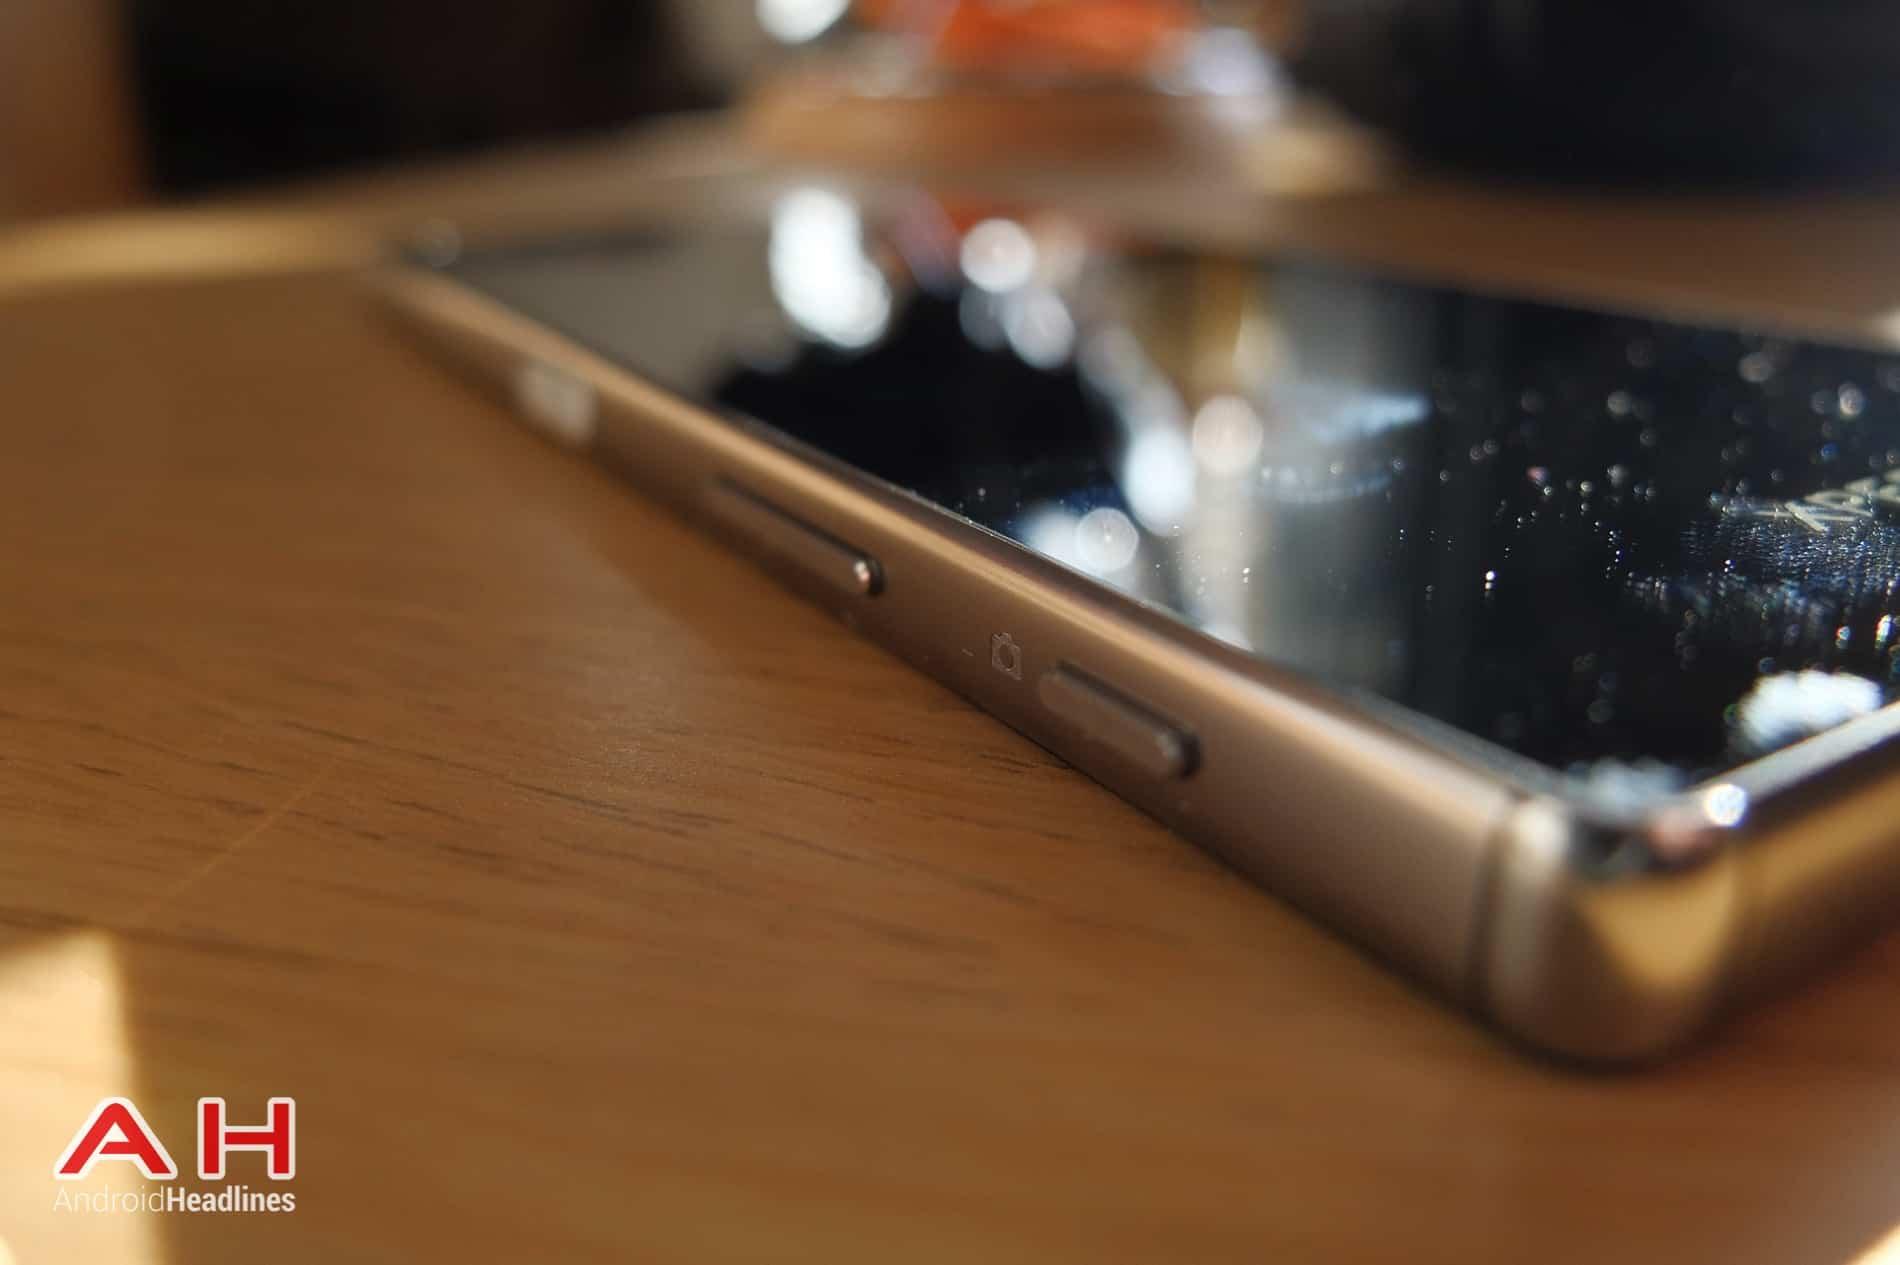 Sony Xperia Z5 Premium AH 28